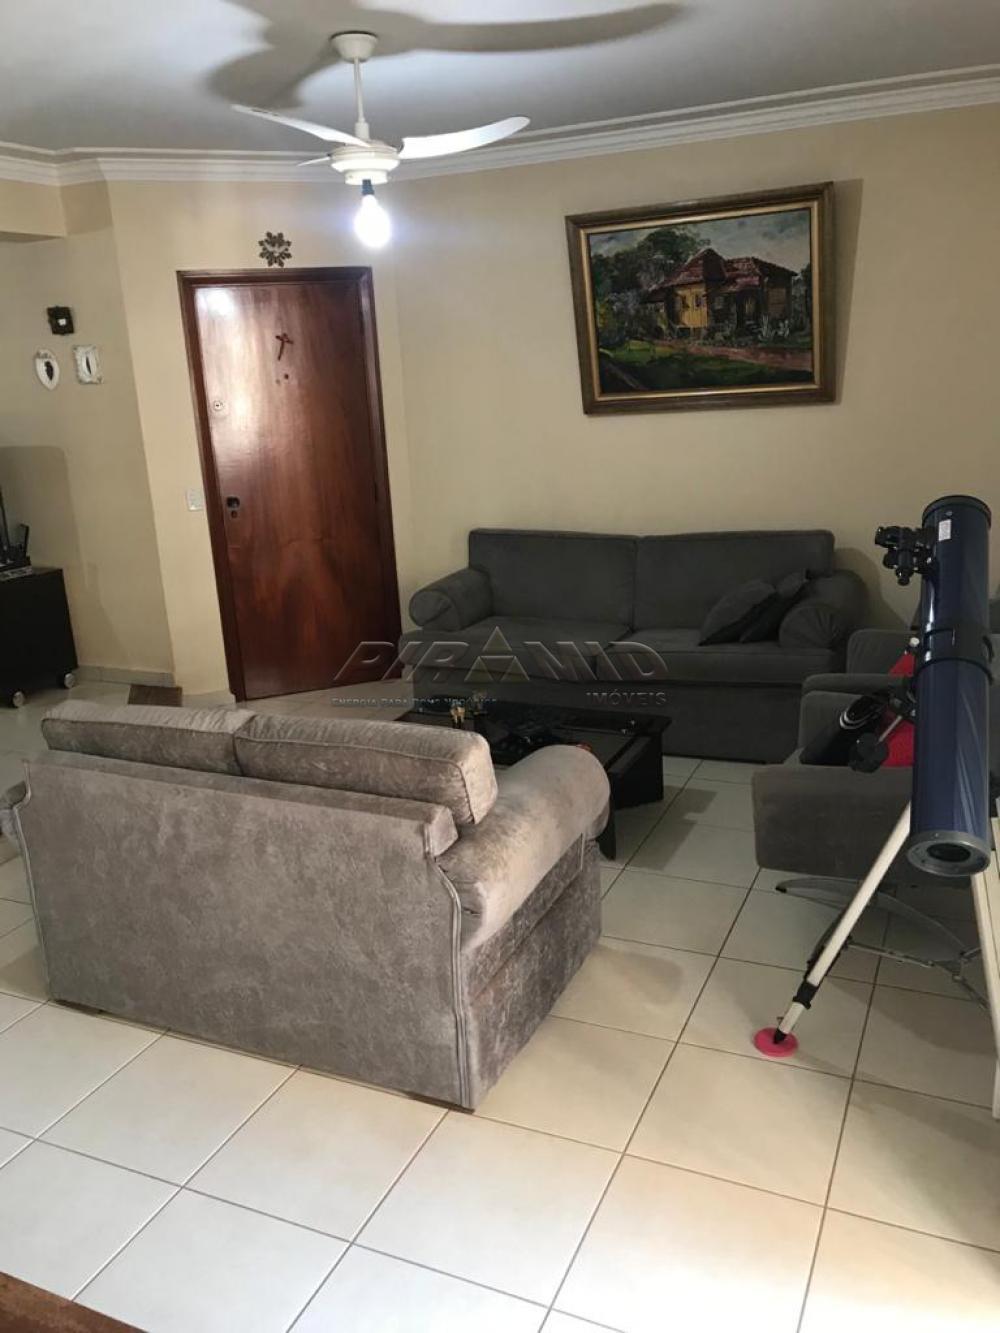 Comprar Apartamento / Padrão em Ribeirão Preto apenas R$ 550.000,00 - Foto 3